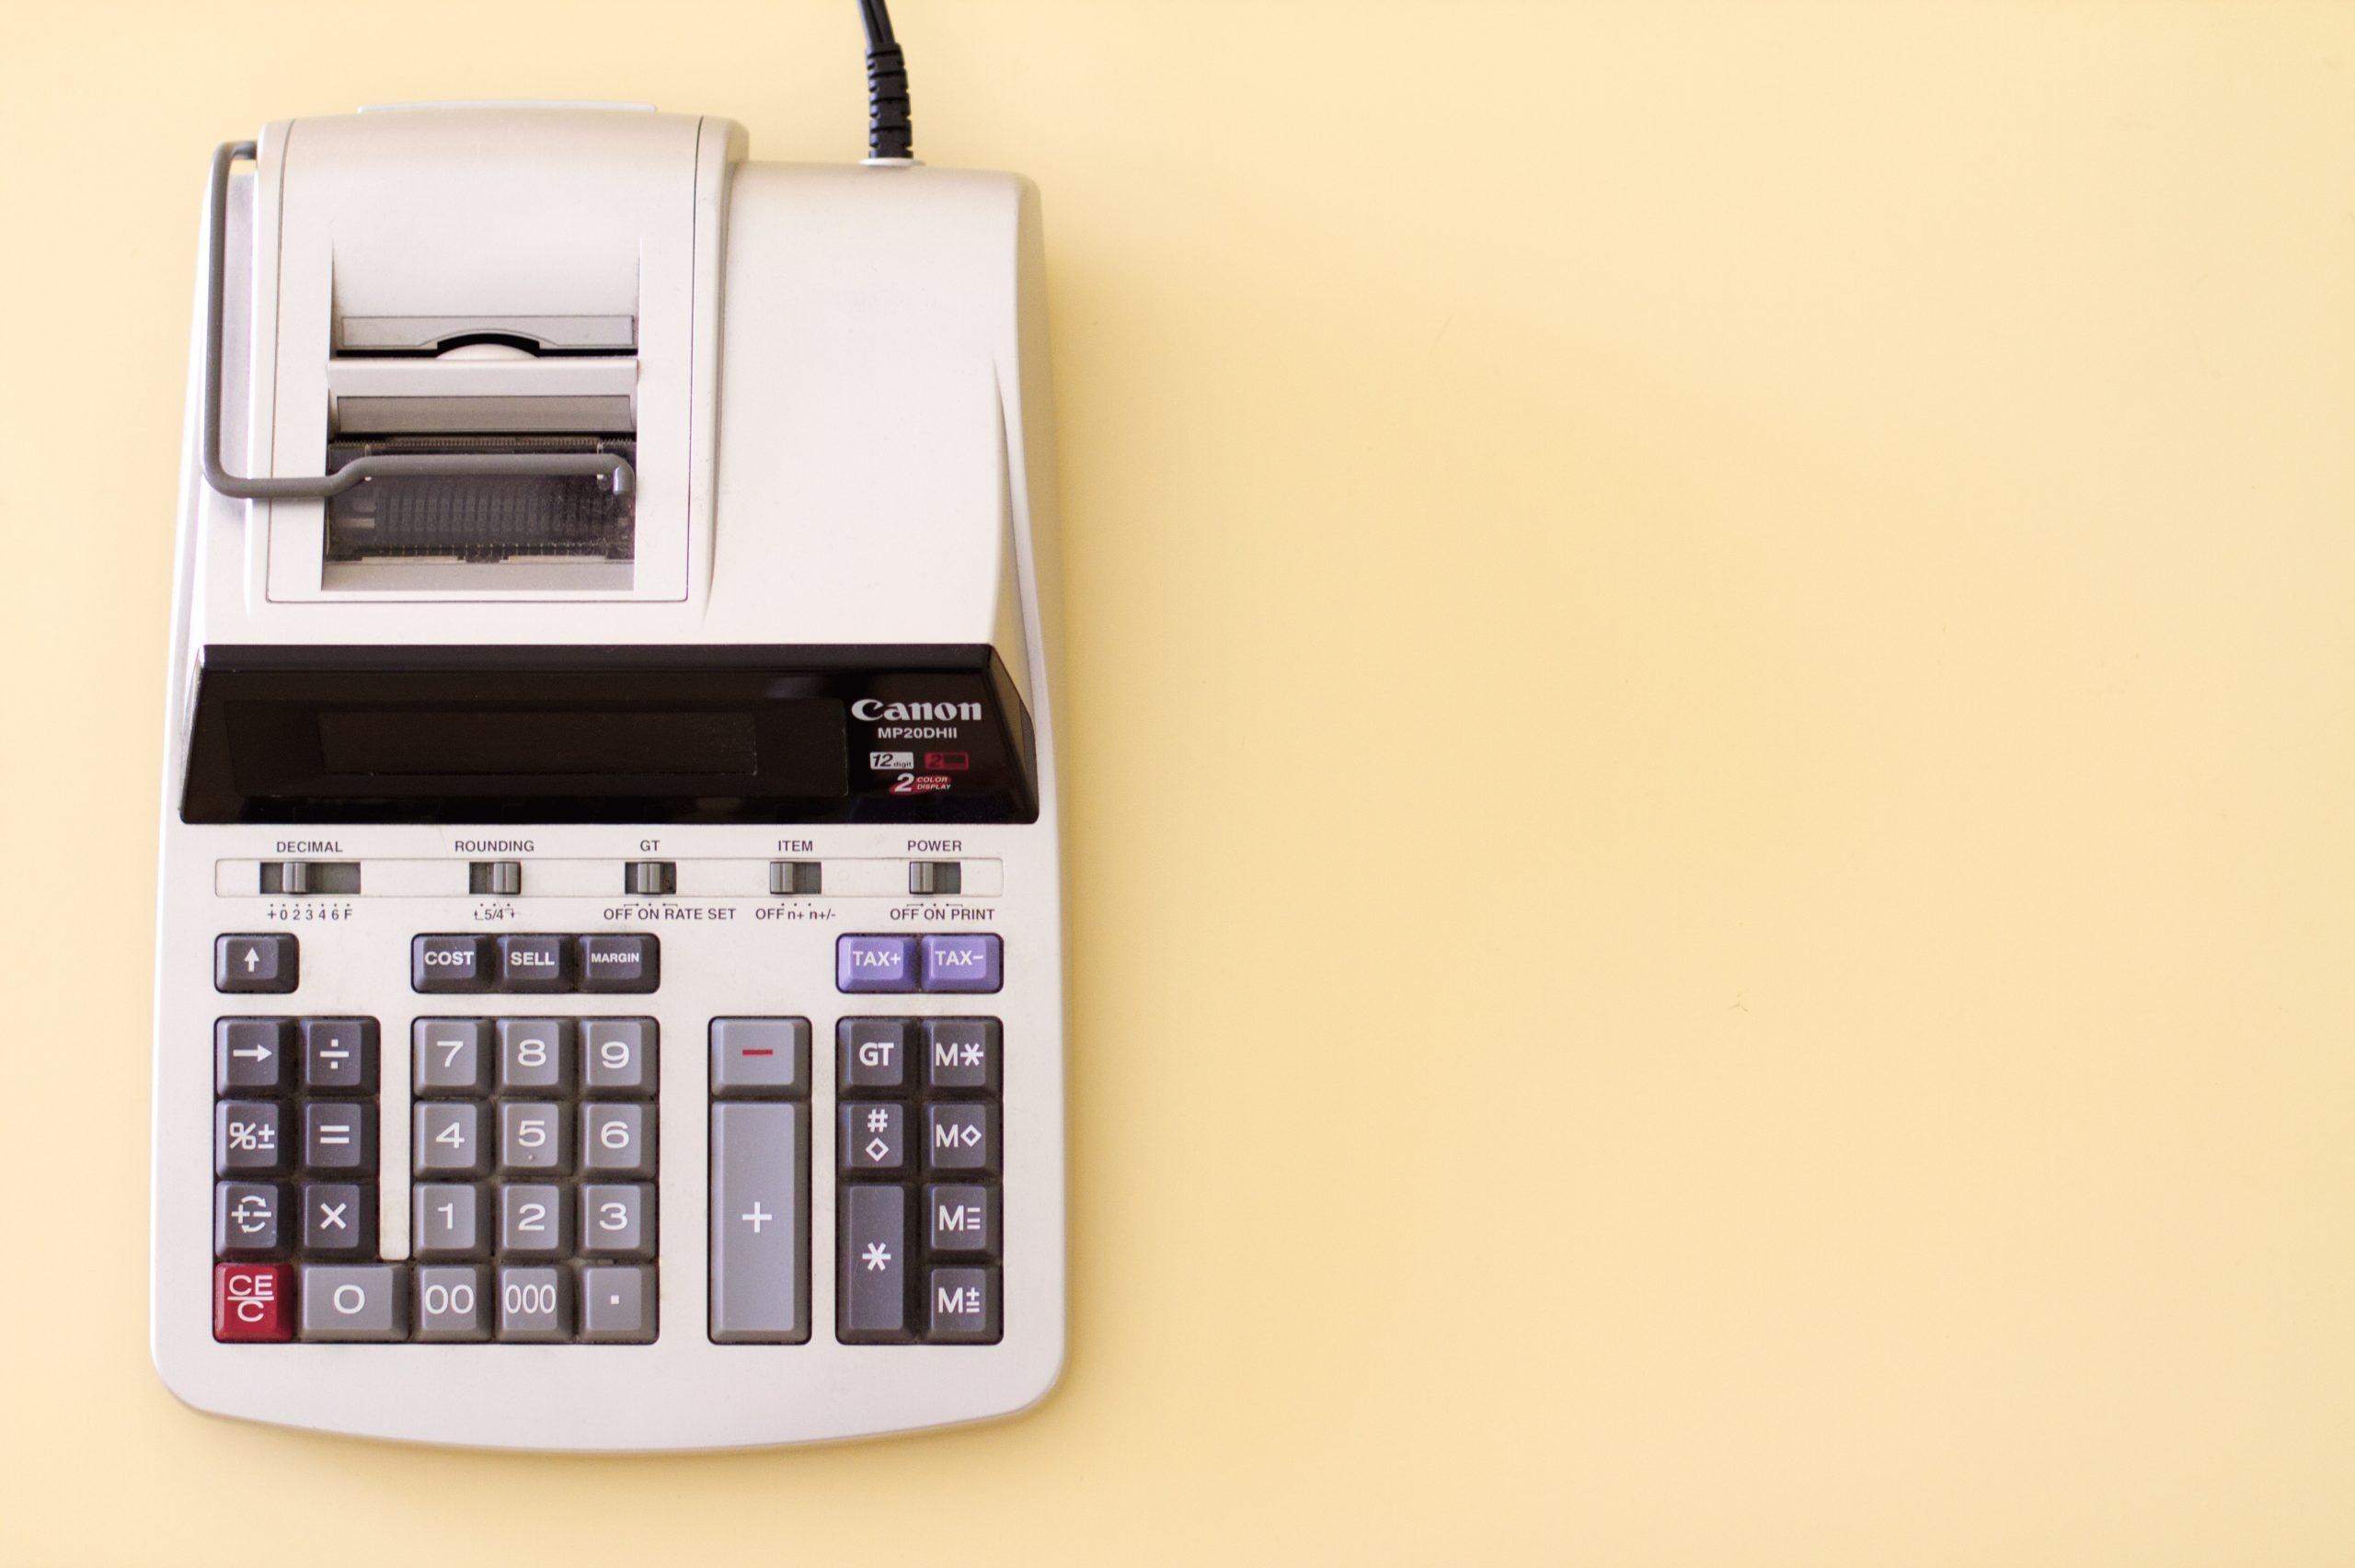 Remortgage Calculator